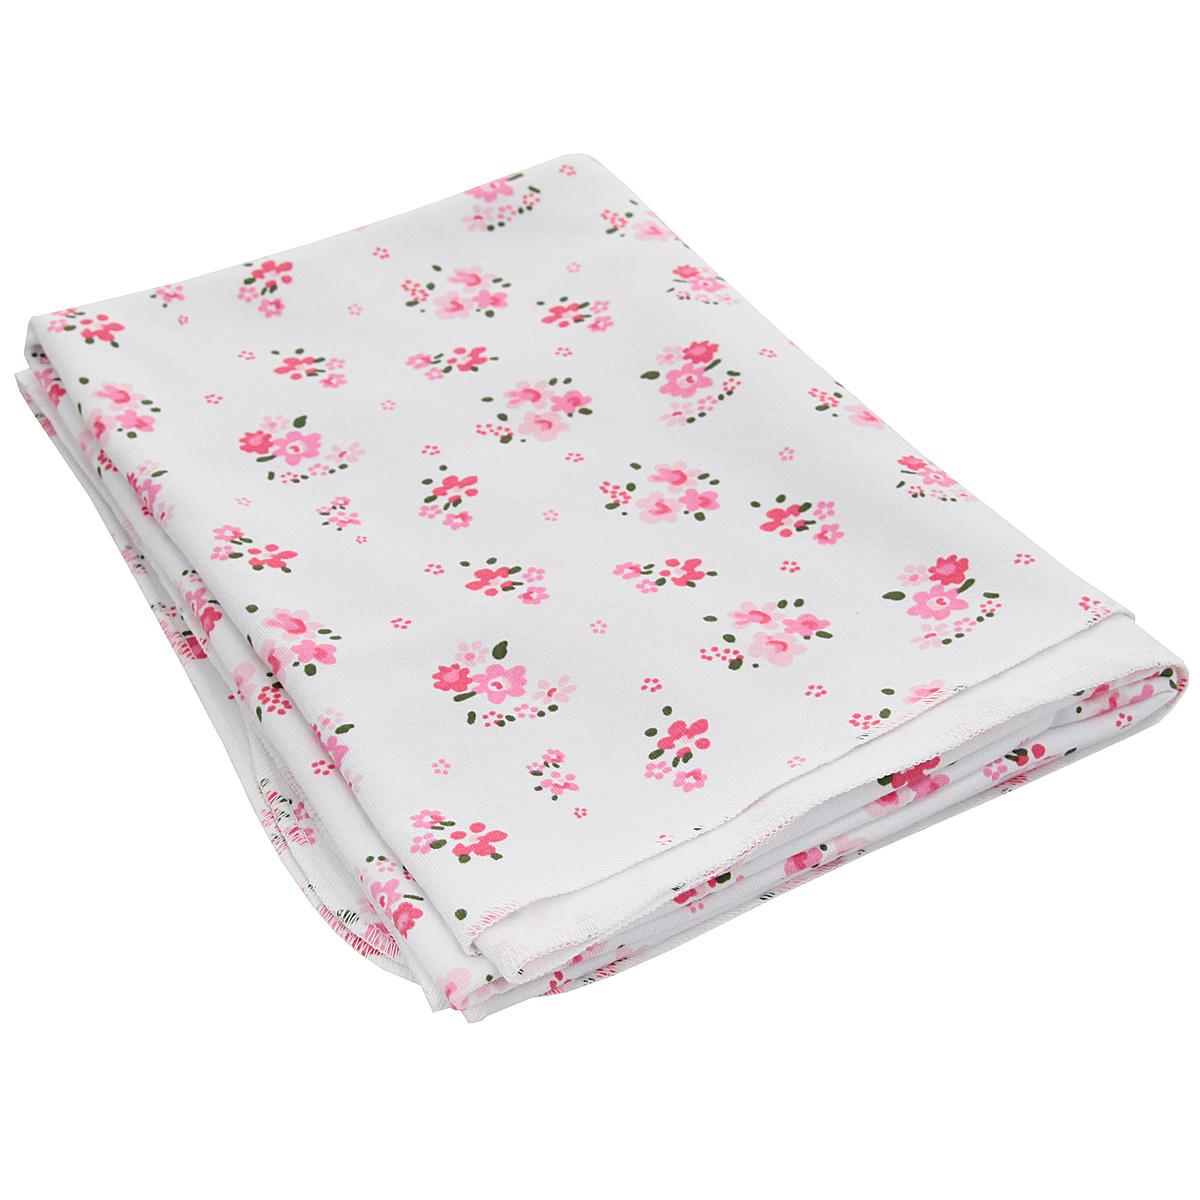 Пеленка трикотажная Трон-Плюс Цветы, цвет: белый, розовый, 120 см х 90 см5421Детская трикотажная пеленка Трон-Плюс Цветы подходит для пеленания ребенка с самого рождения. Она невероятно мягкая и нежная на ощупь. Пеленка выполнена из интерлока набивного - мягкое эластичное трикотажное полотно из хлопка гладкого покроя. Края обработаны швом оверлока. Такая ткань прекрасно дышит, она гипоаллергенна, почти не мнется и не теряет формы после стирки. Мягкая ткань укутывает малыша с необычайной нежностью. Пеленку также можно использовать как легкое одеяло в жаркую погоду, простынку, полотенце после купания, накидку для кормления грудью или солнцезащитный козырек. Пеленка оформлена изображениями цветов. Ее размер подходит для пеленания даже крупного малыша. Рекомендована ручная стирка при температуре не более 40°C. Не отбеливать. Температура глажения не более 150°C. Сушить в подвешенном виде. Не подвергать химической чистке.